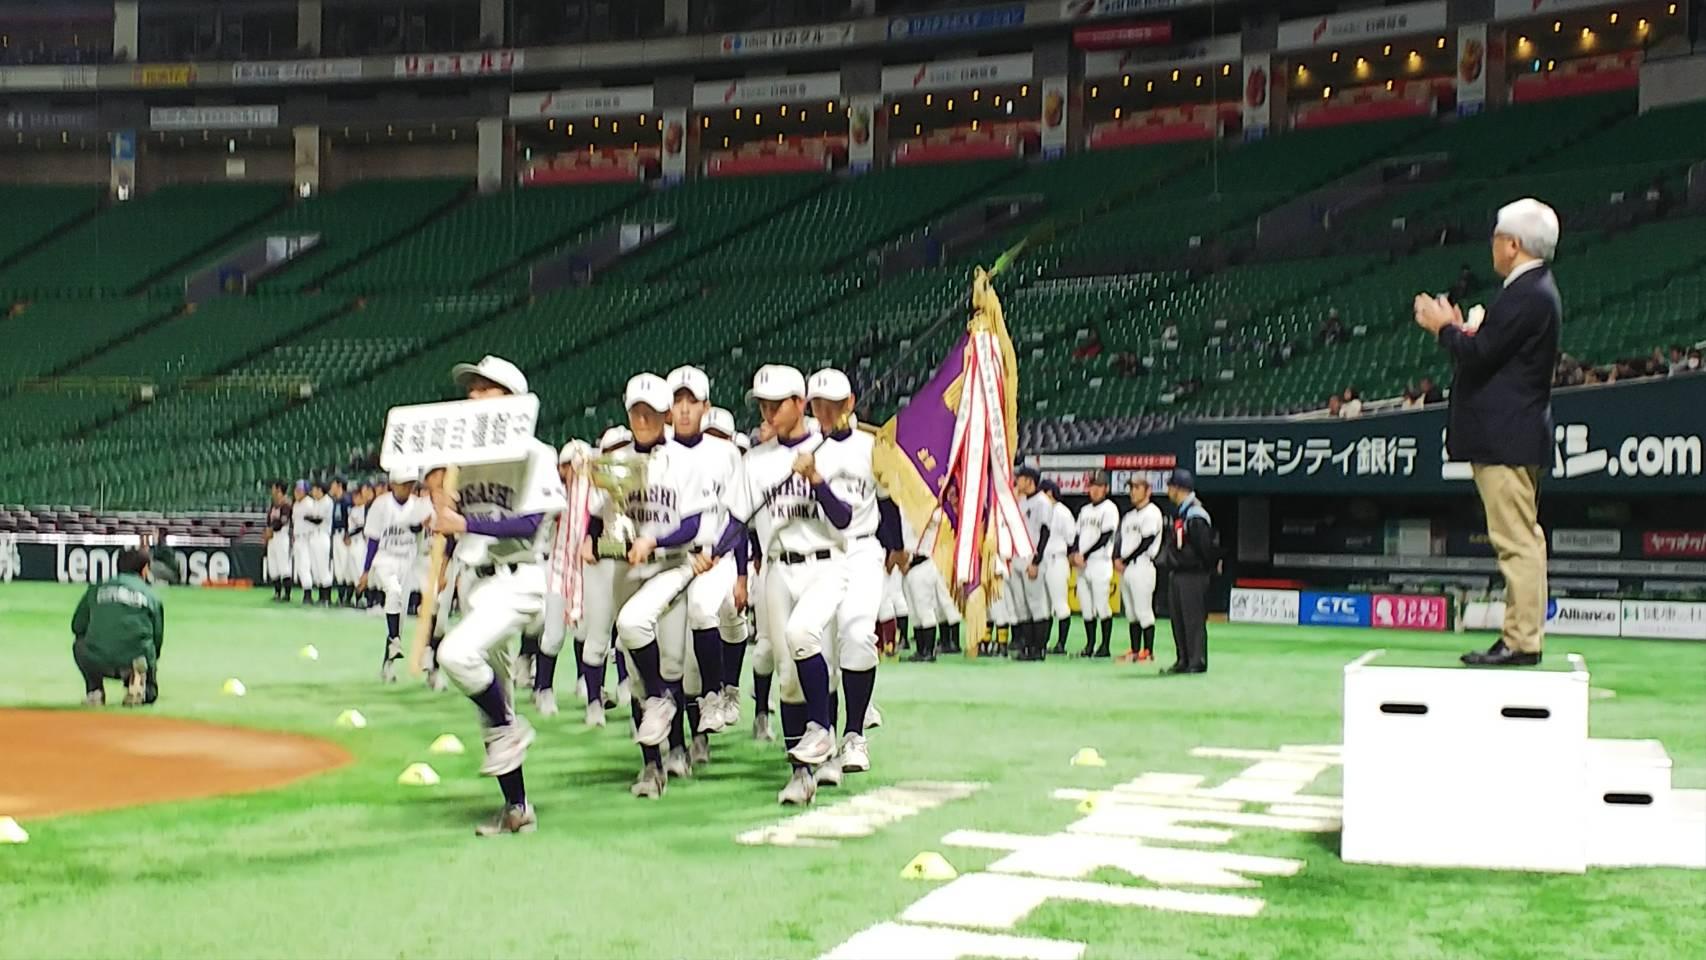 第24回ホークスカップ・入場行進・自彊館東福岡中学